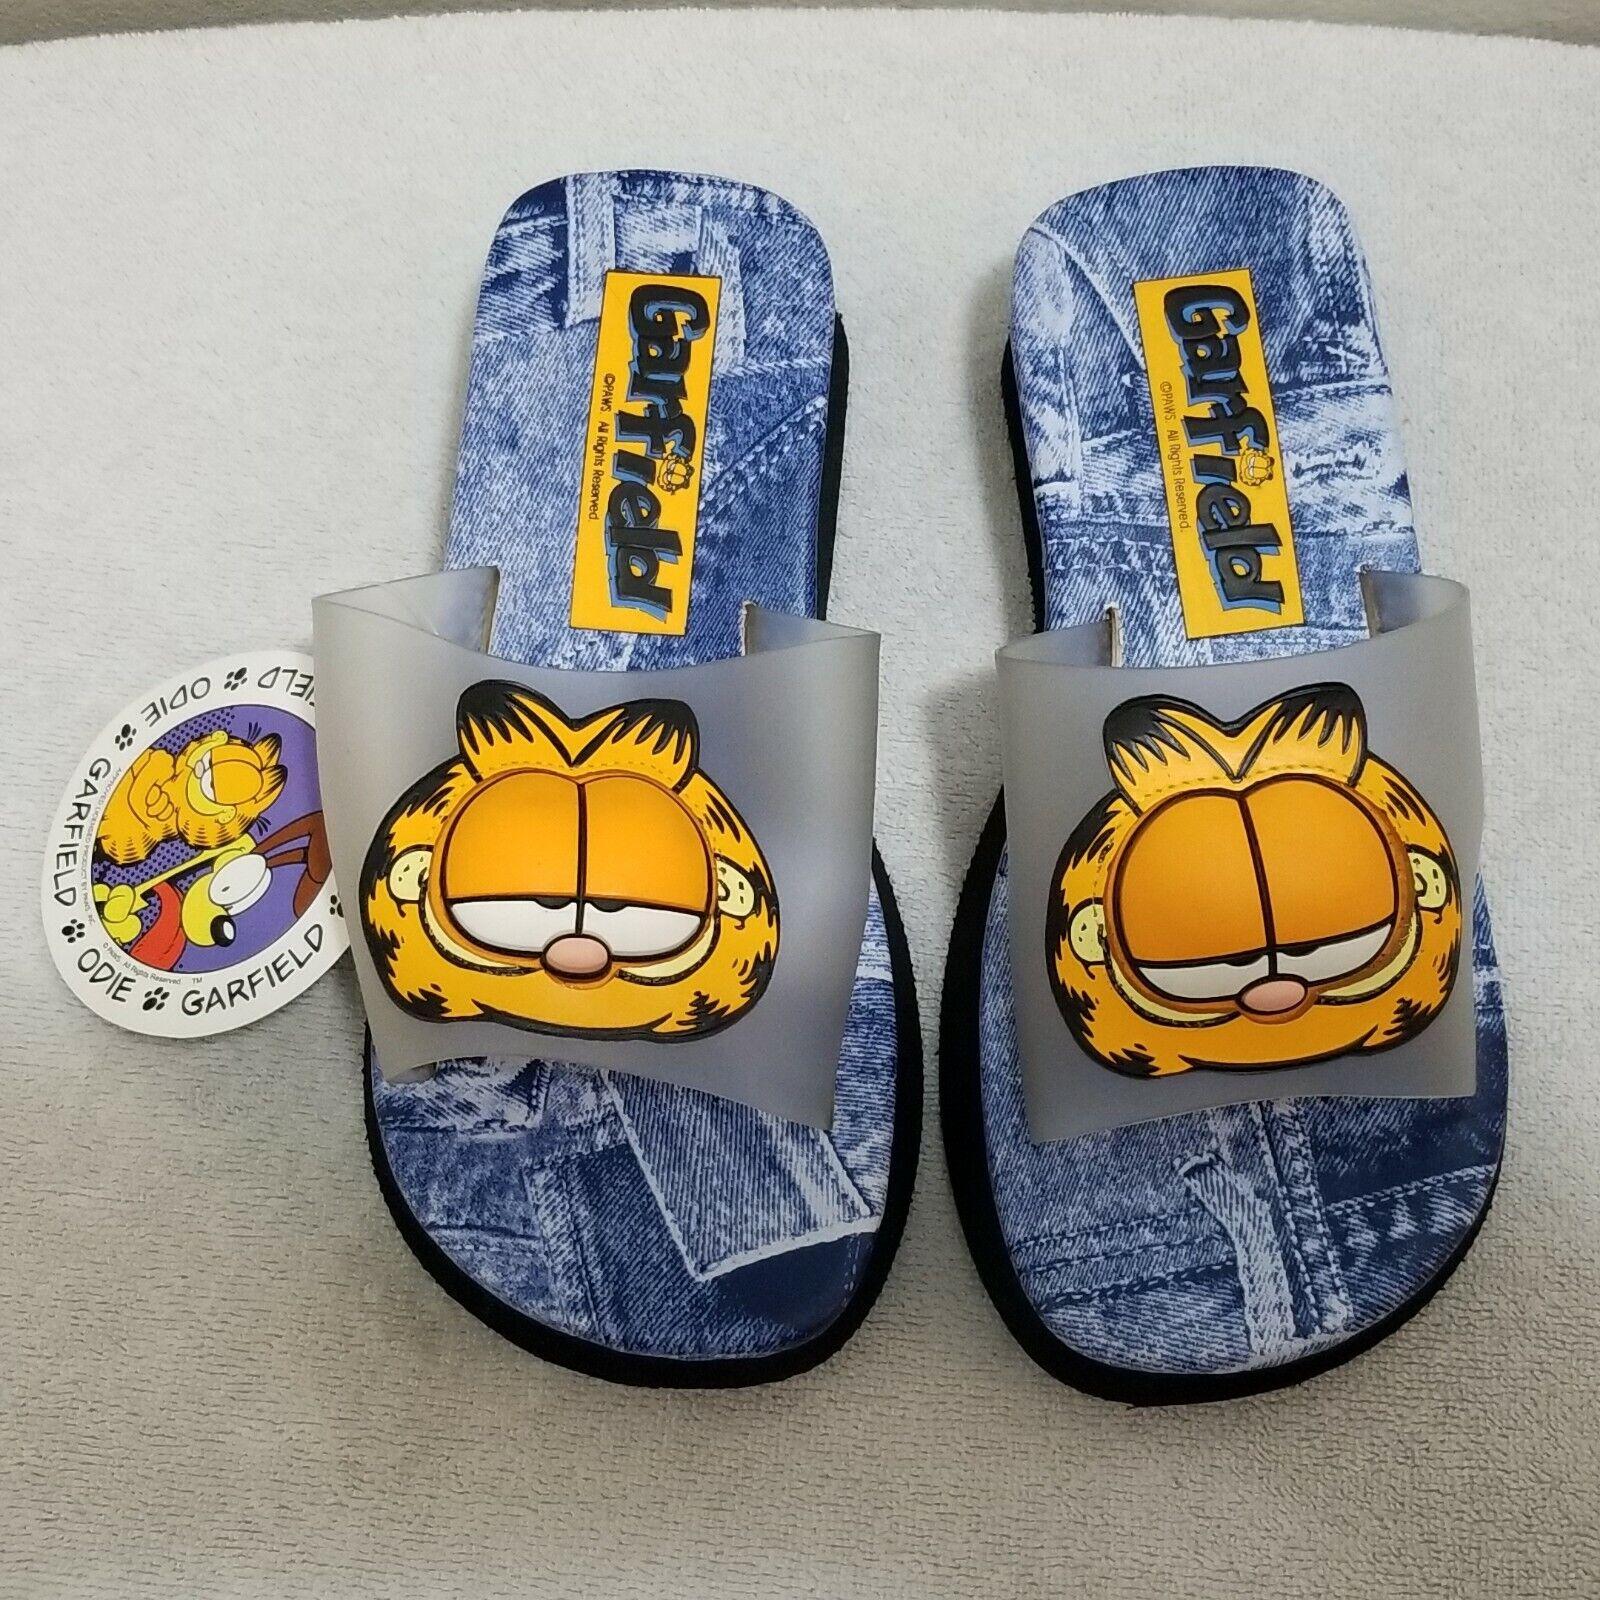 NEW Garfield Beach Flip Flops bluee Jean Platform Lightweight Sandals Womens Sz 6